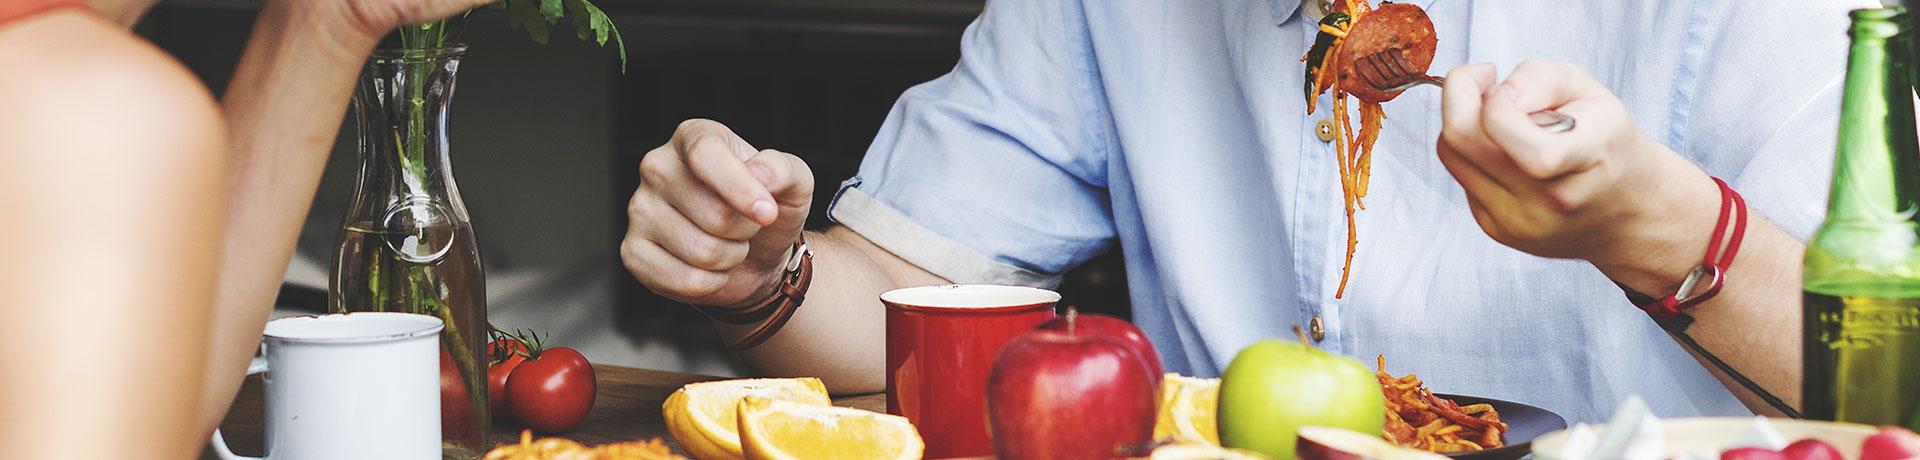 Socializzare in pausa pranzo